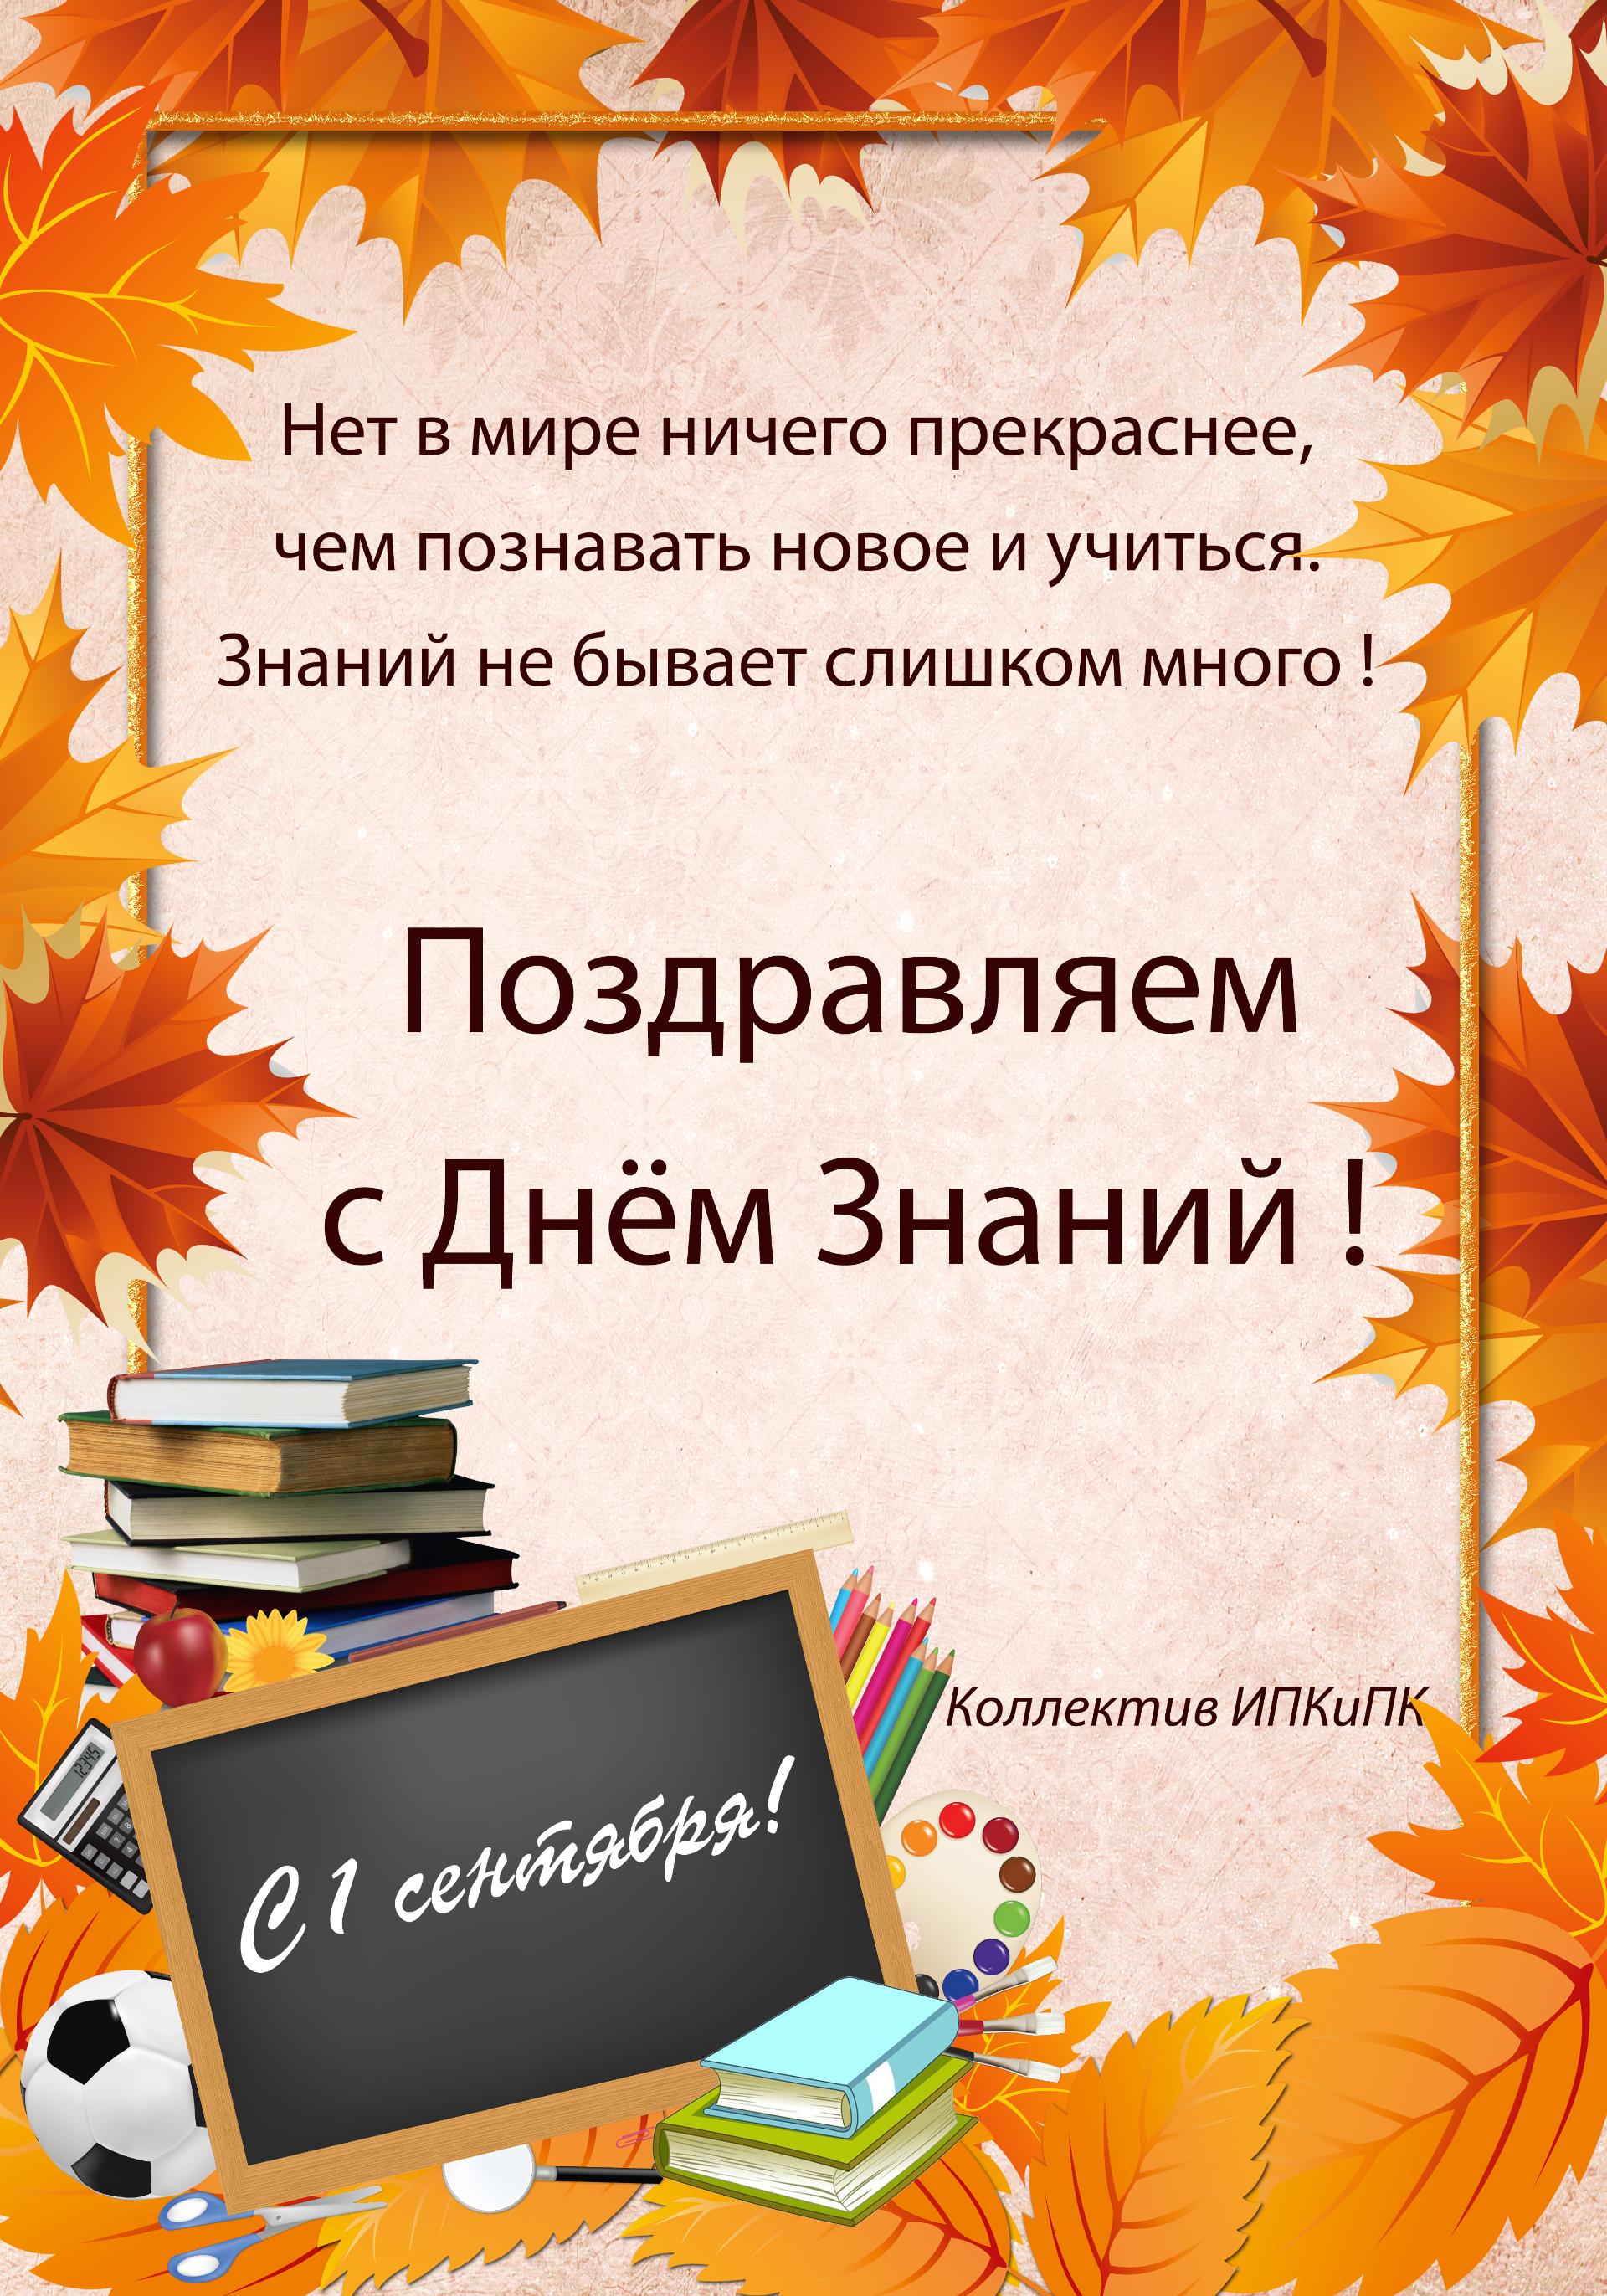 Хорошие поздравления с днем знаний